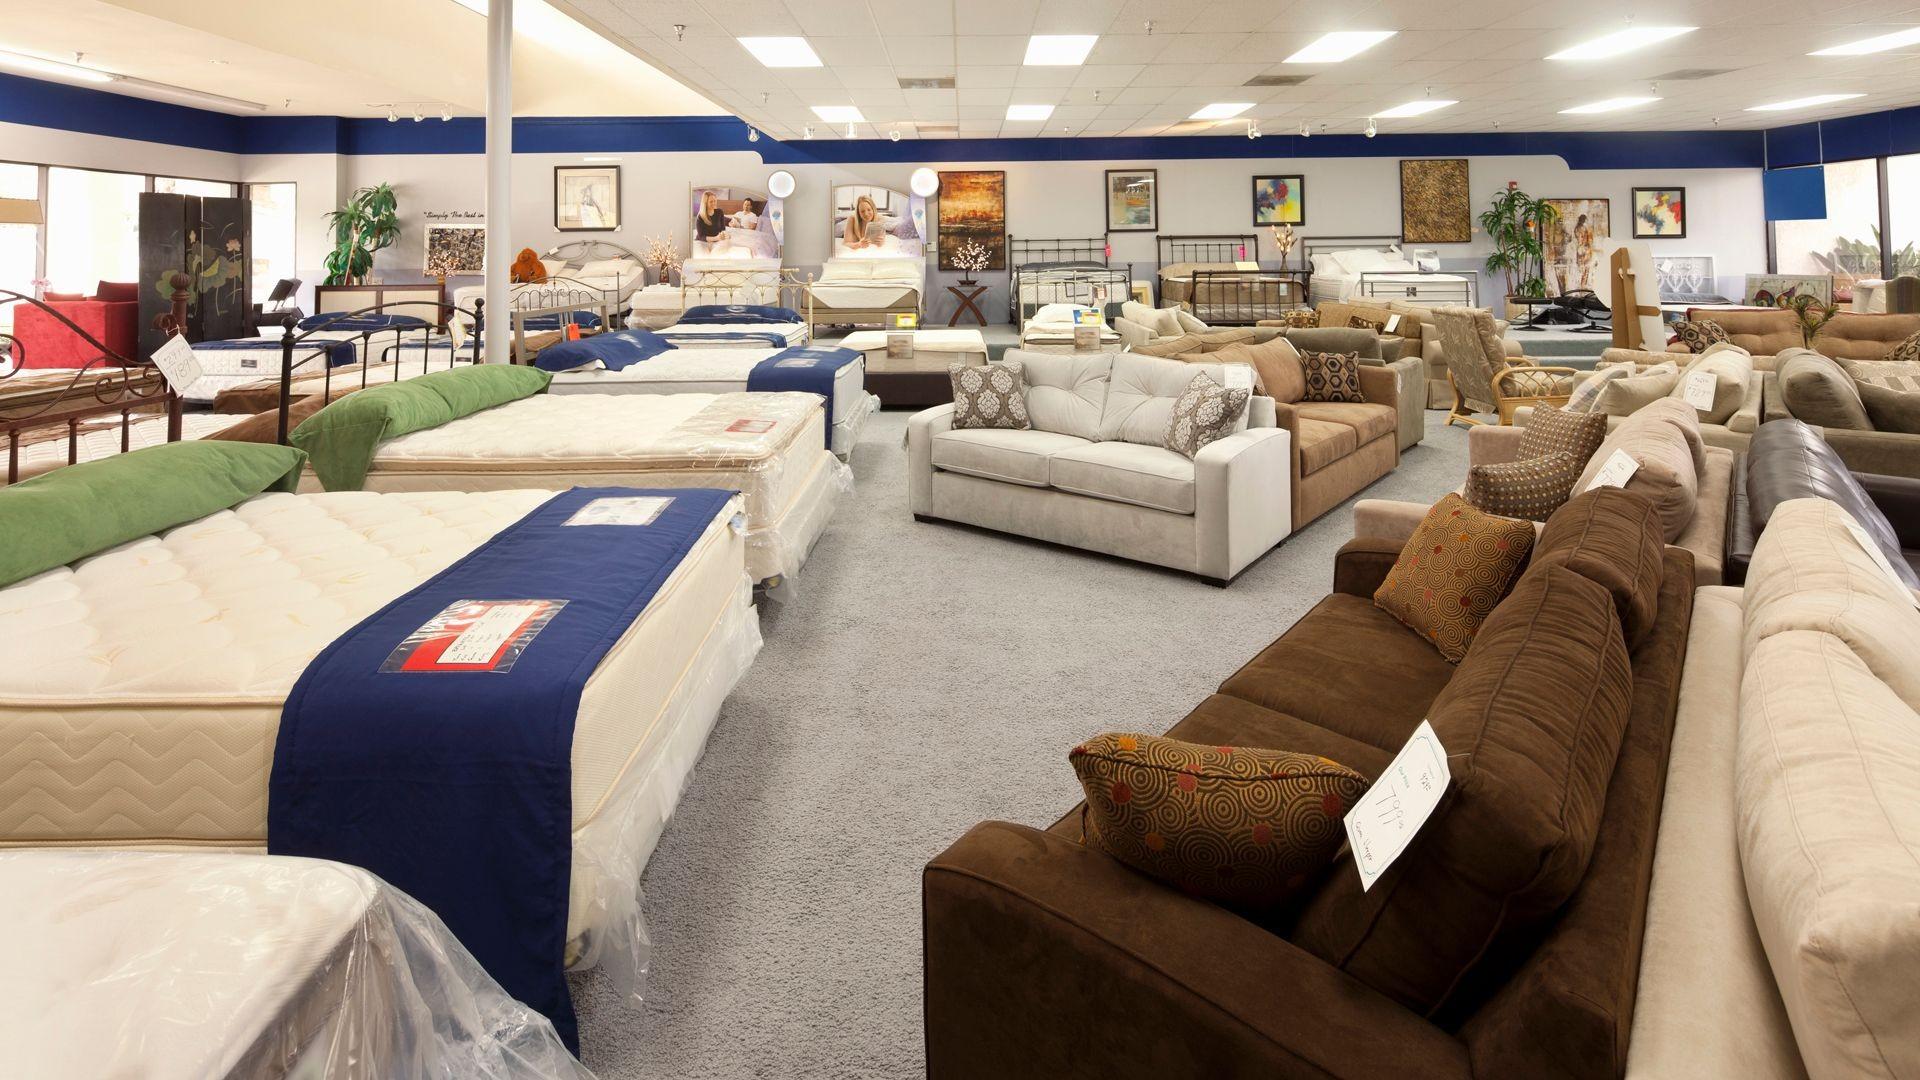 000 colchon cama sofa muebles habitacion